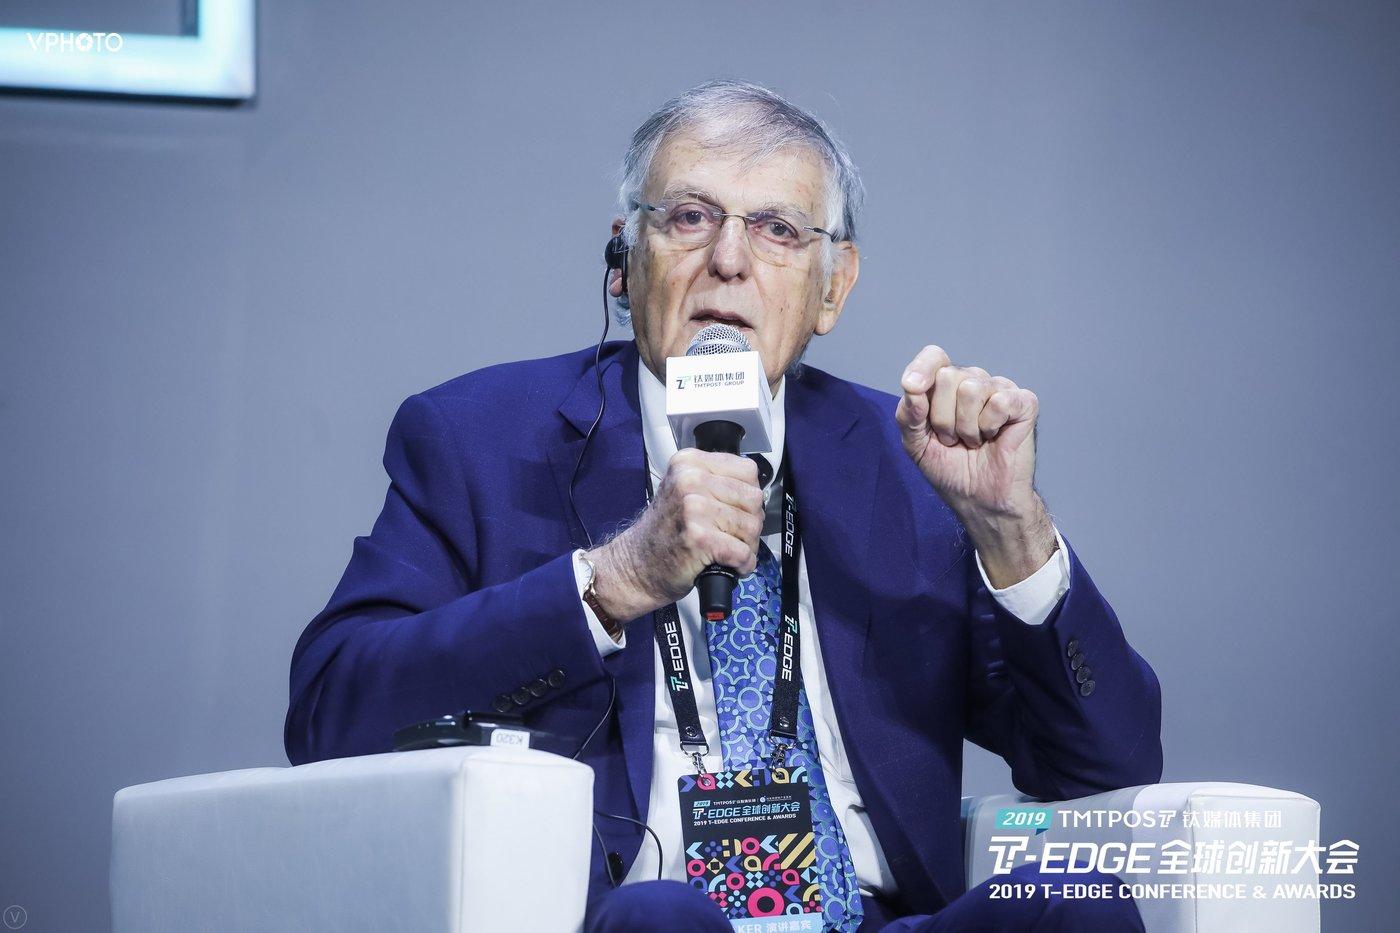 2011年诺贝尔化学奖获得者,准晶体结构首位发现者Dan Shechtman